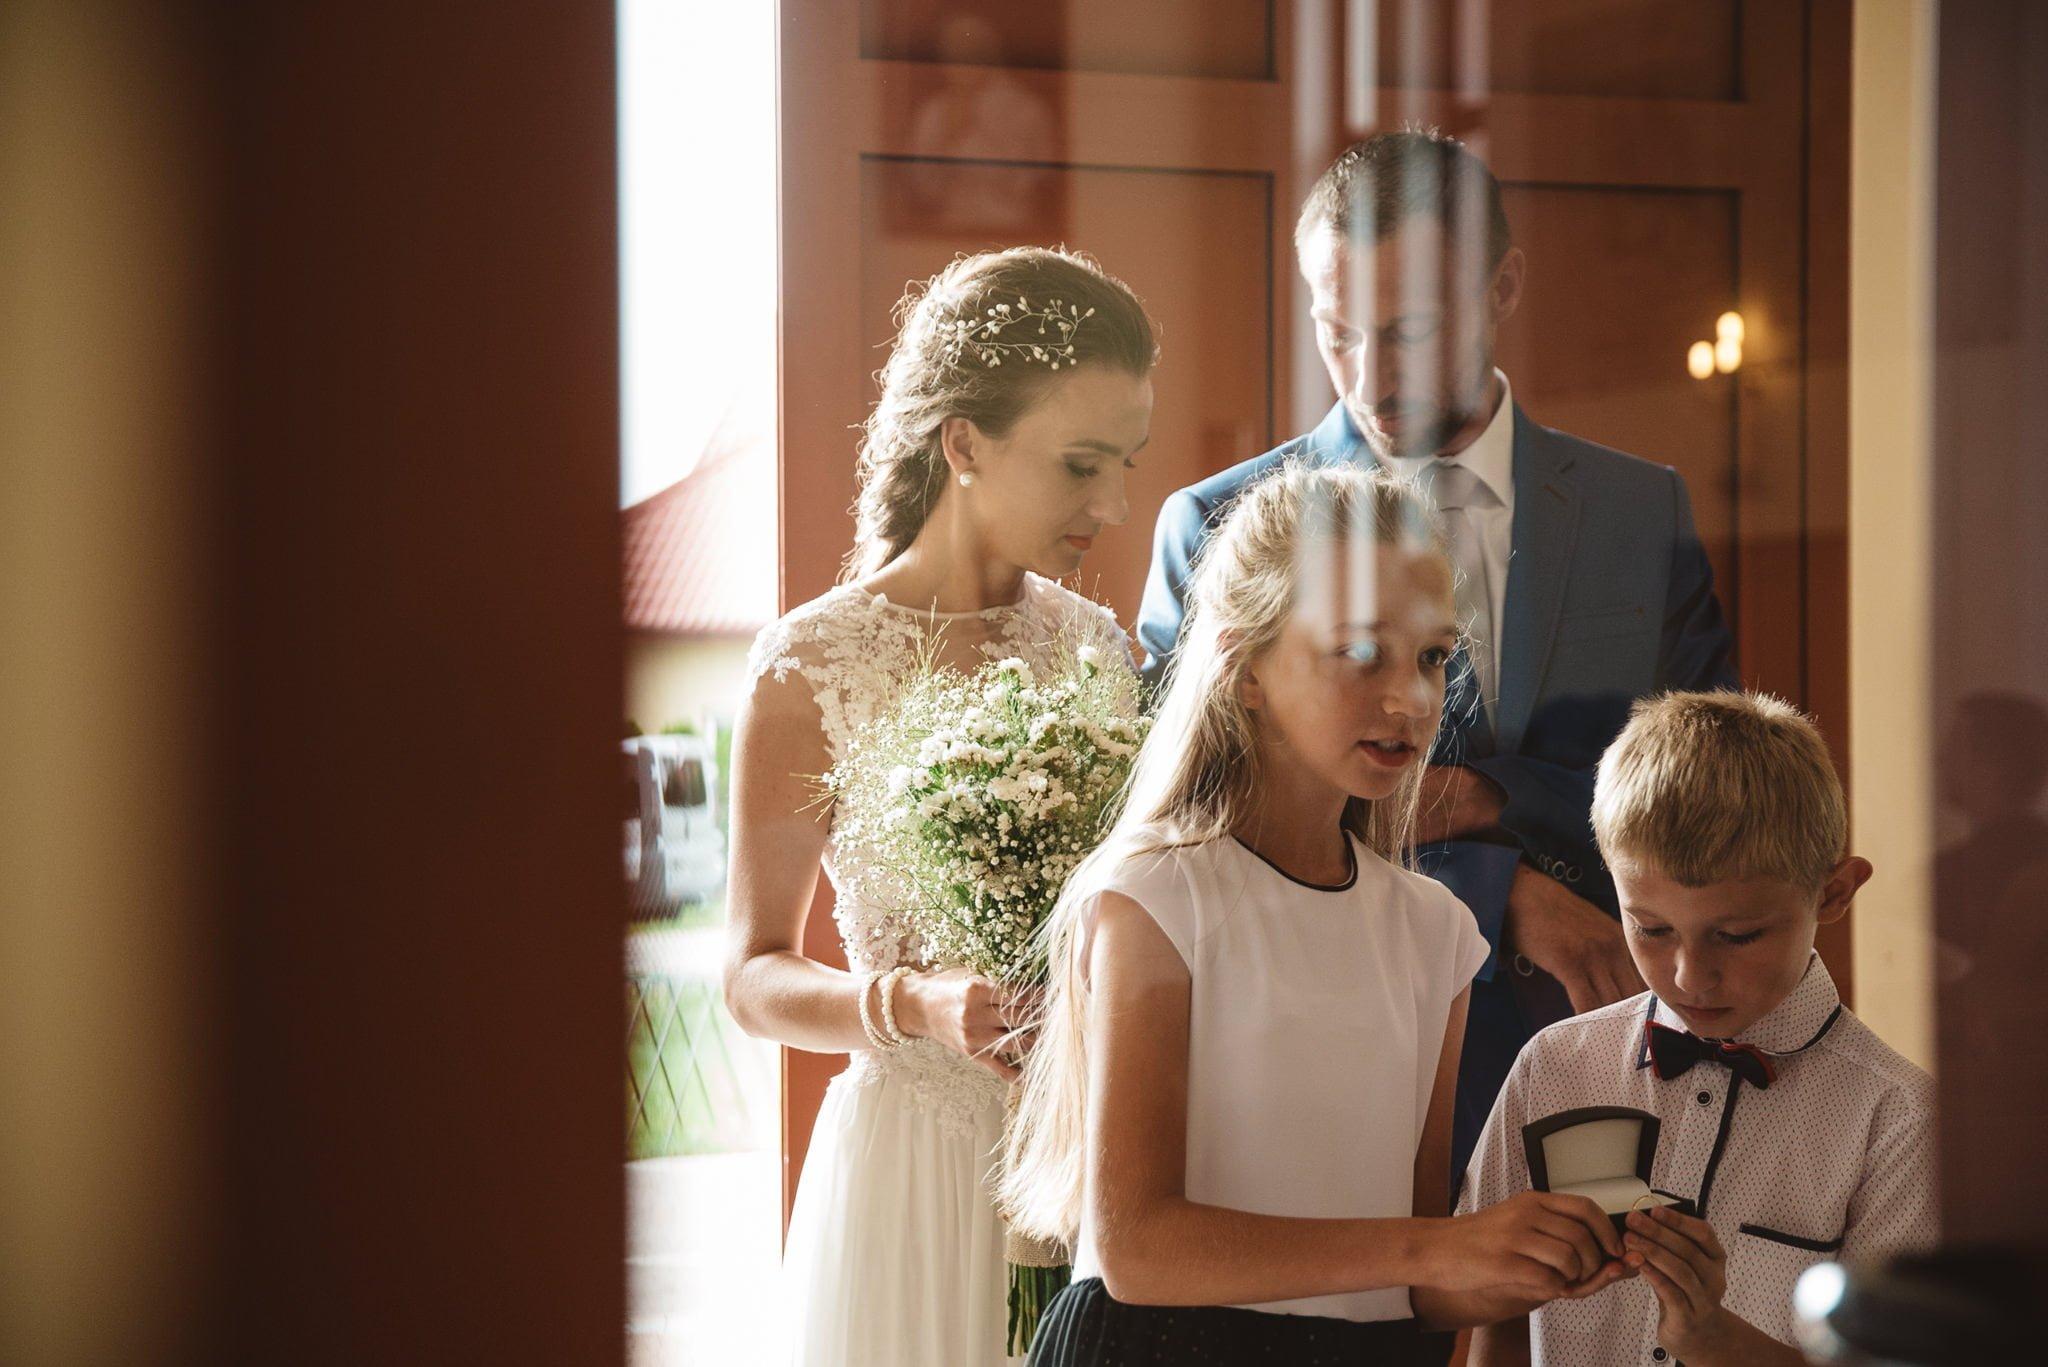 Ala i Arek, czyli jak zorganizować ślub i wesele w 4 tygodnie! 65